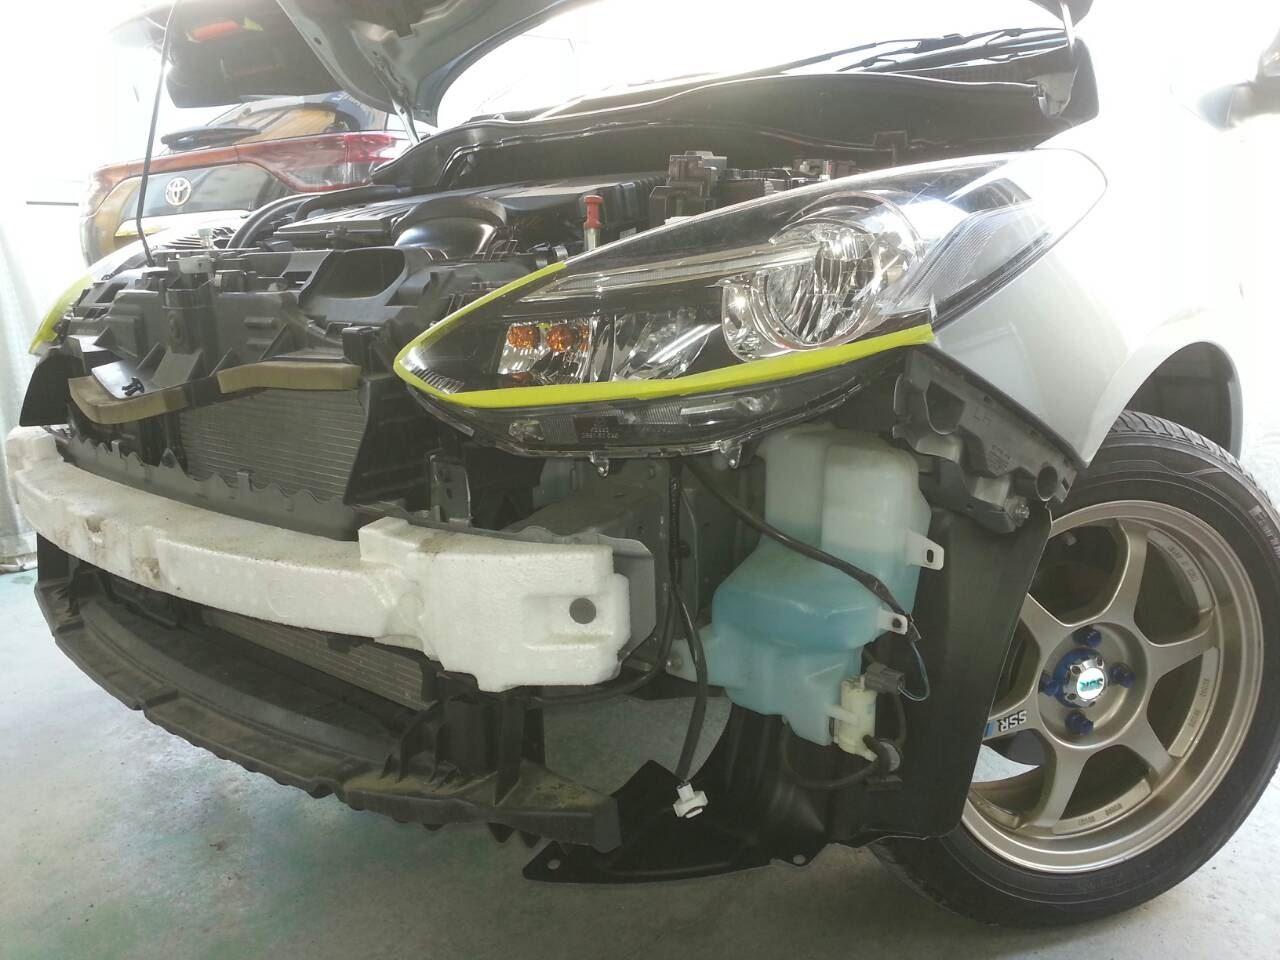 東京都立川市の車の板金塗装修理工場 ガレージローライドのマツダ デミオ のエアロパーツ塗装 取付 です。